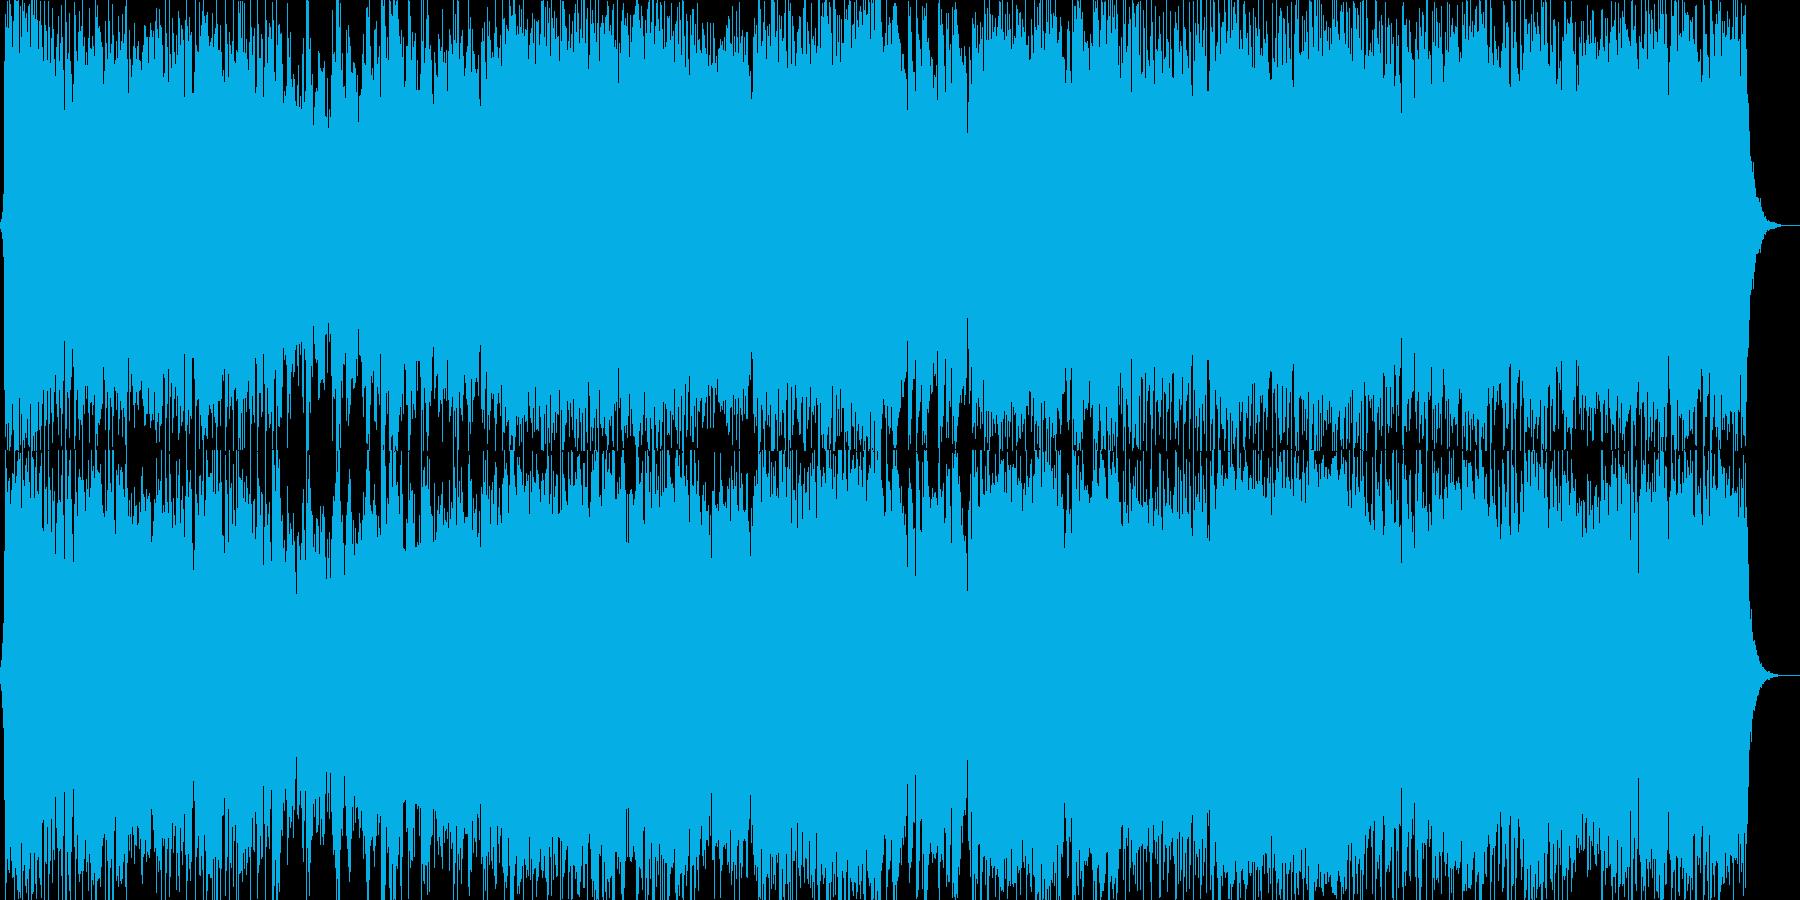 ダークファンタジーオーケストラ戦闘曲45の再生済みの波形